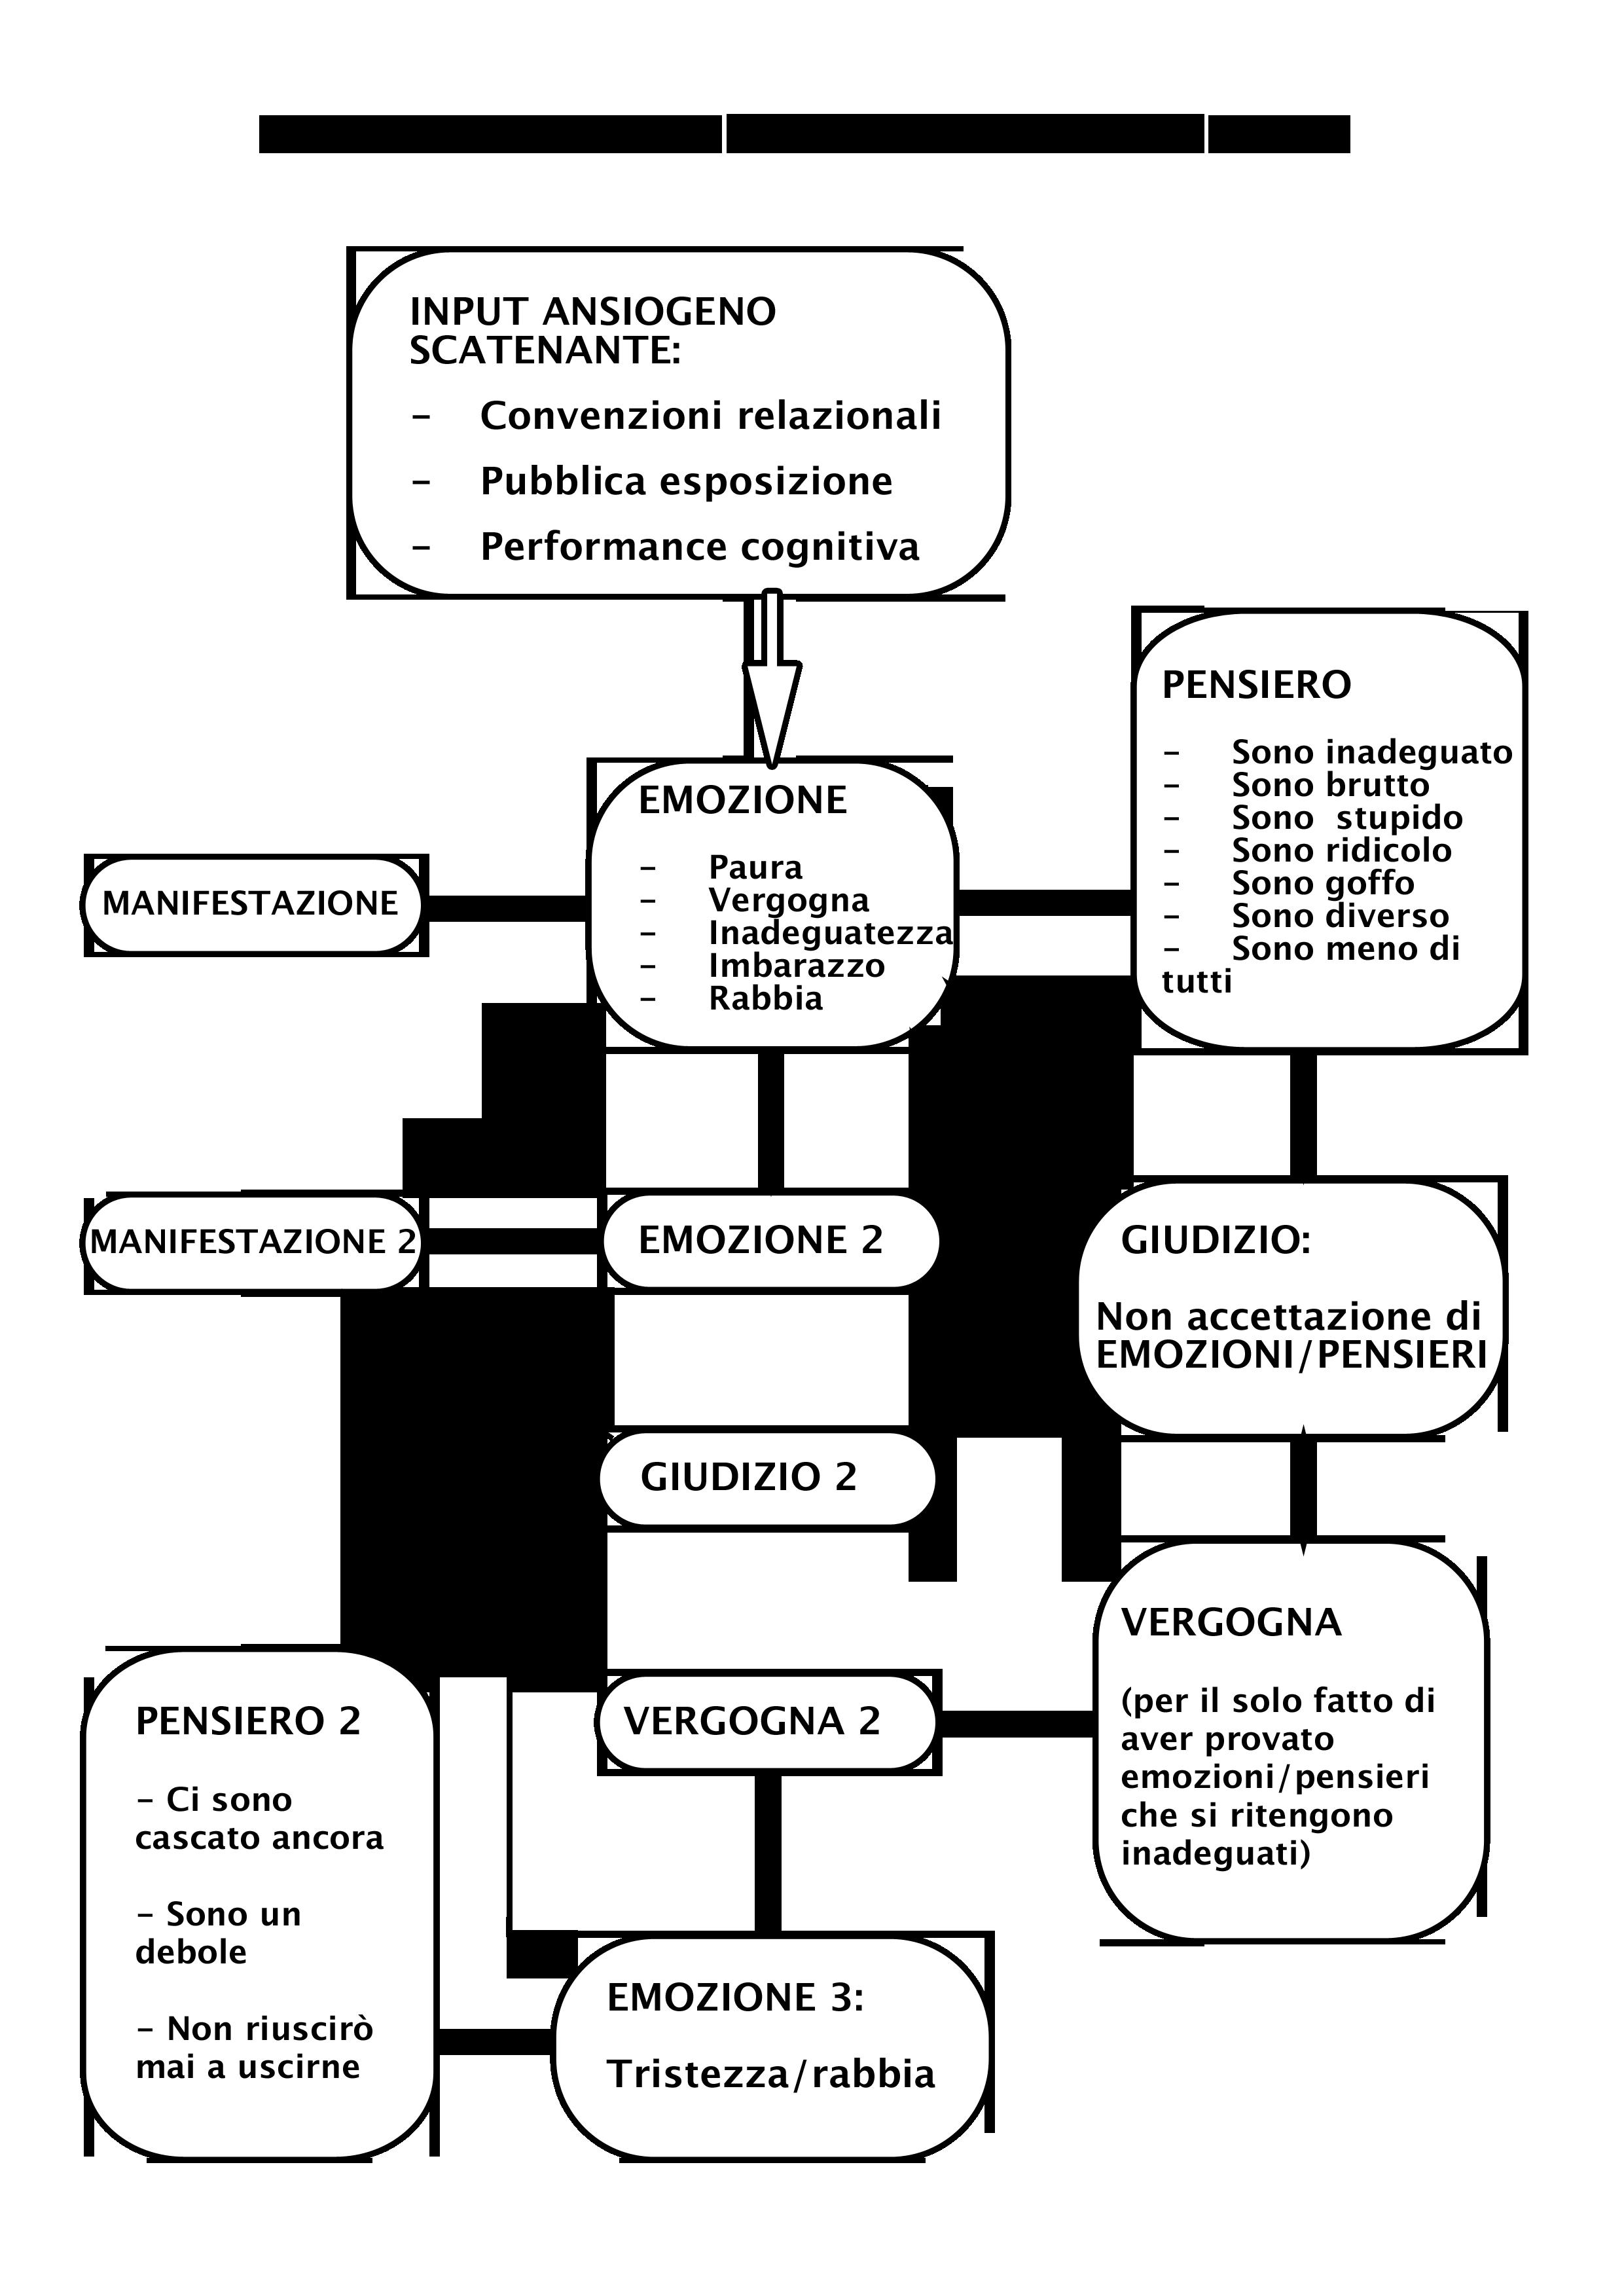 Modello cognitivo dell'ansia sociale